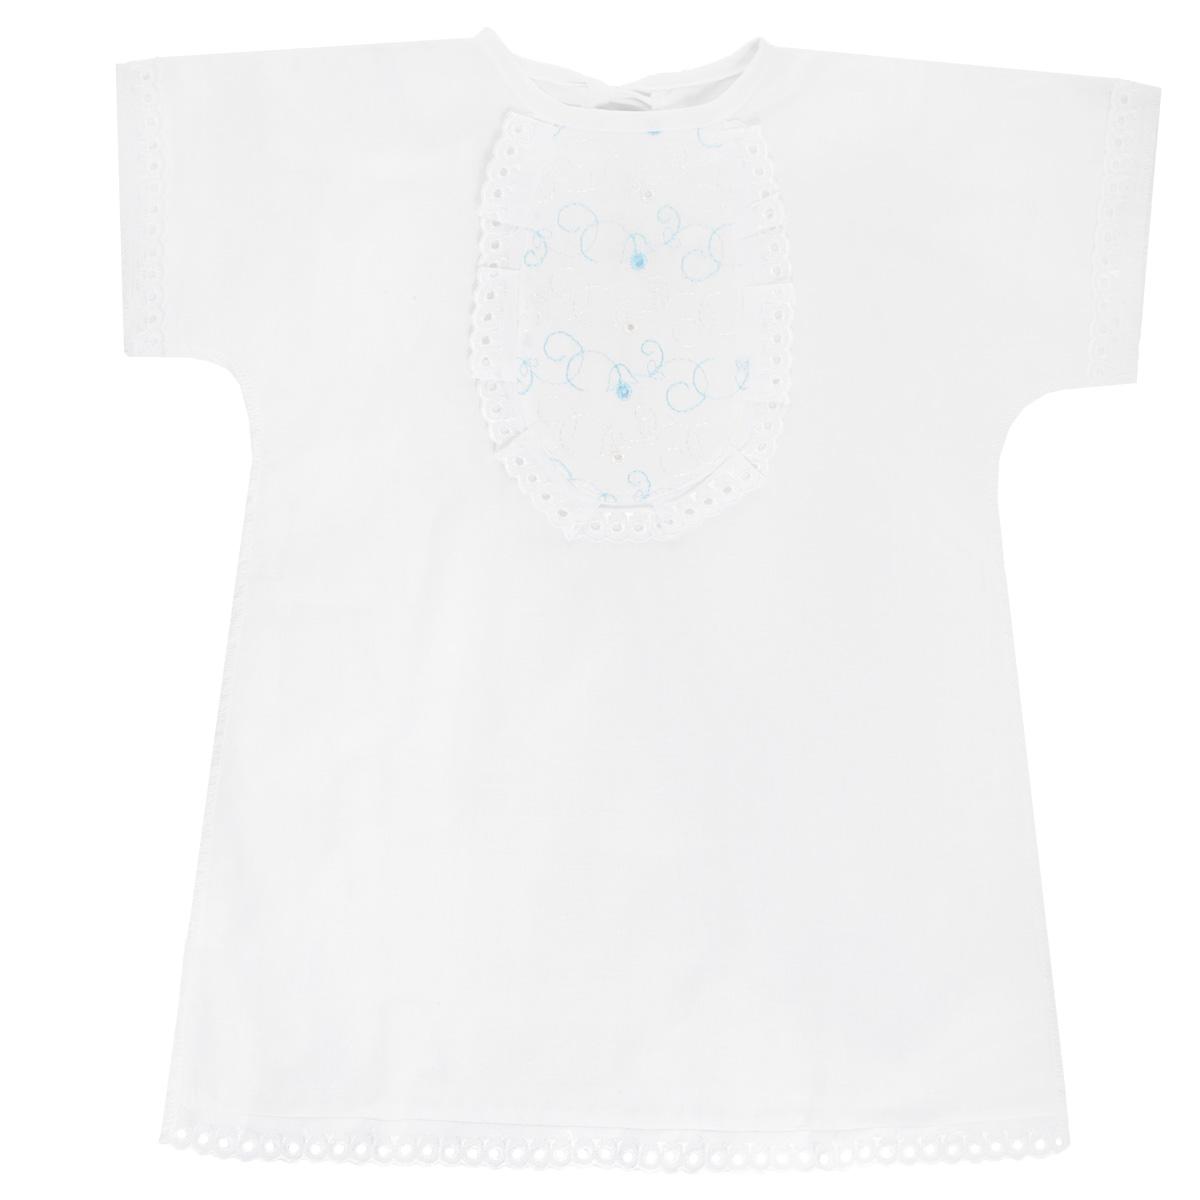 Крестильный набор1135Крестильная рубашка Трон-плюс, выполненная из натурального хлопка, станет незаменимым атрибутом крещения. Рубашка необычайно мягкая и приятная на ощупь, не сковывает движения младенца и позволяет коже дышать, не раздражает нежную кожу ребенка, обеспечивая ему наибольший комфорт. Рубашка трапециевидной формы с короткими рукавами имеет две завязки сзади, которые помогают с легкостью переодеть младенца. Украшена рубашка отделкой в виде жабо. Низ рукавов и низ изделия оформлены ажурными петельками. По бокам рубашечка дополнена двумя небольшими разрезами. Швы выполнены наружу. Благодаря такой рубашке ваш ребенок не замерзнет, и будет выглядеть нарядно.